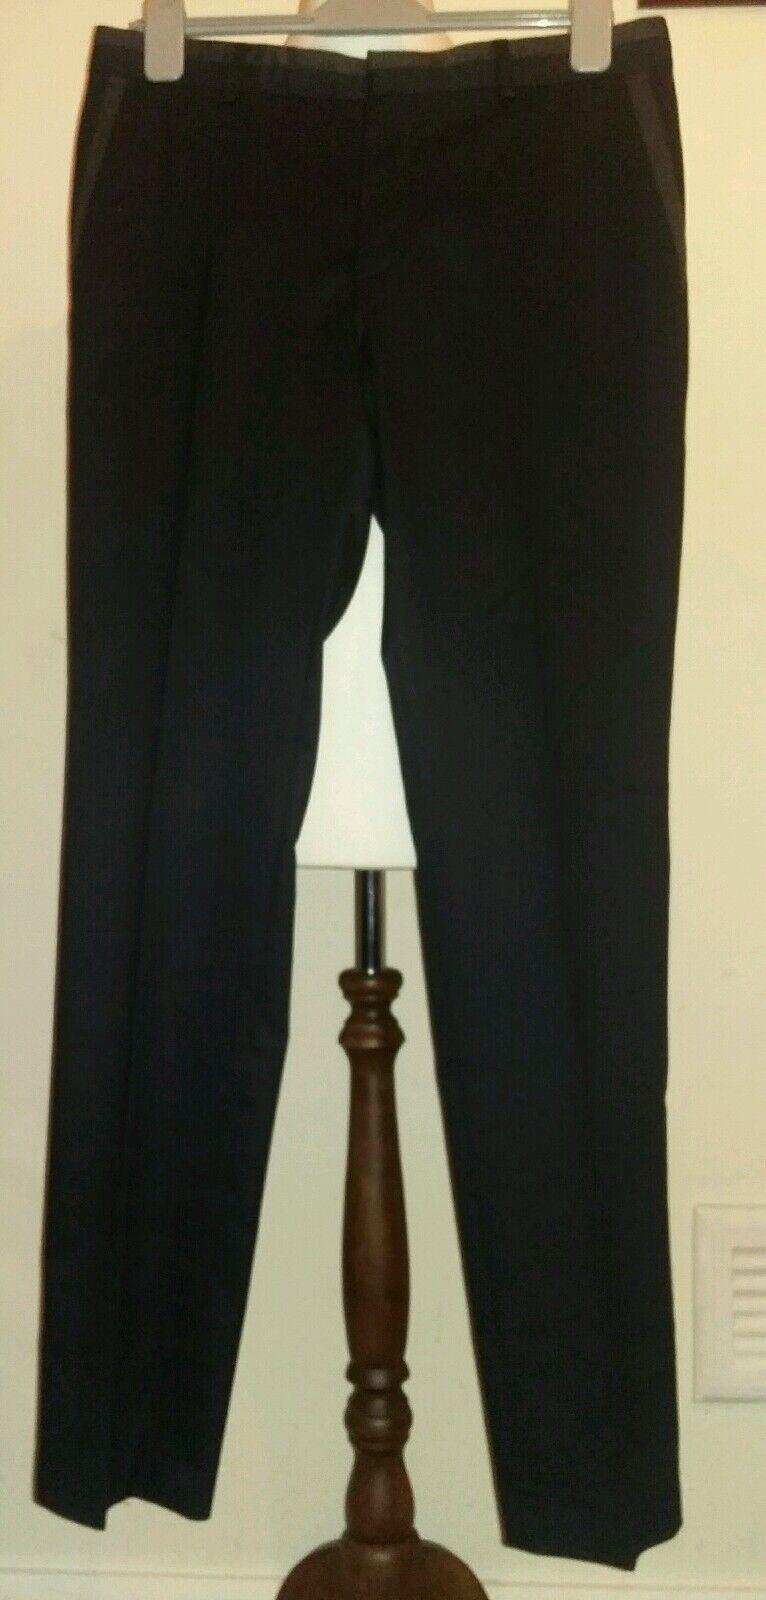 PETER WERTH Ballmer Trouser Charcoal Size 32W 33L RRP -